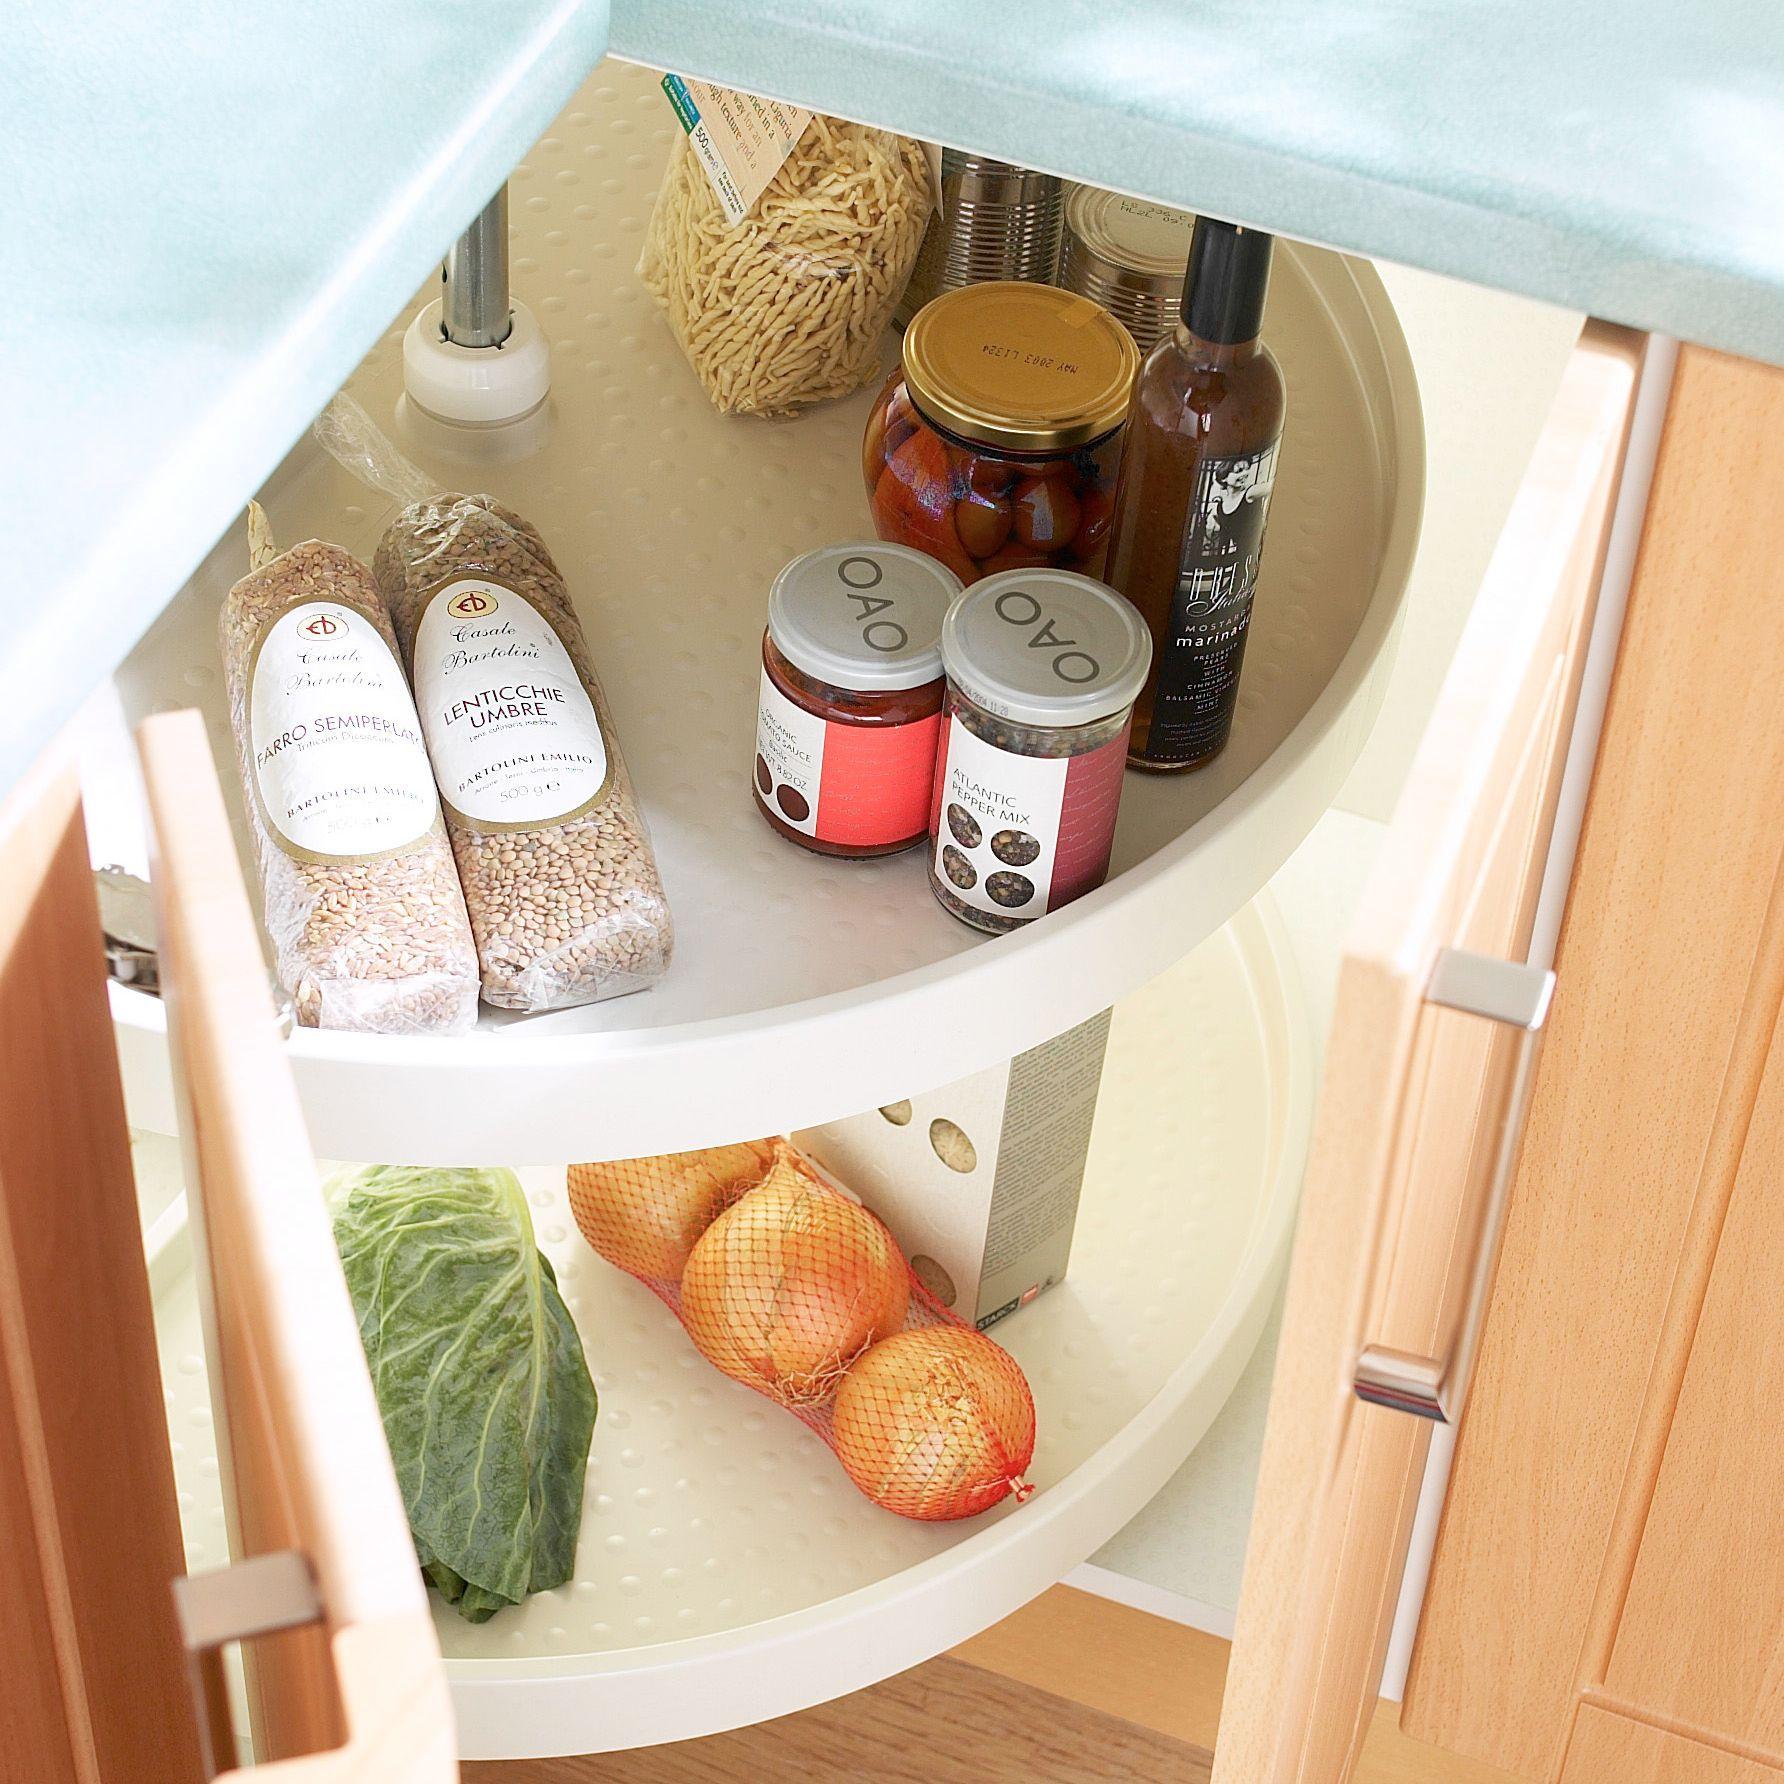 IT Kitchenswhite Plastic Storage System Rooms DIY at B